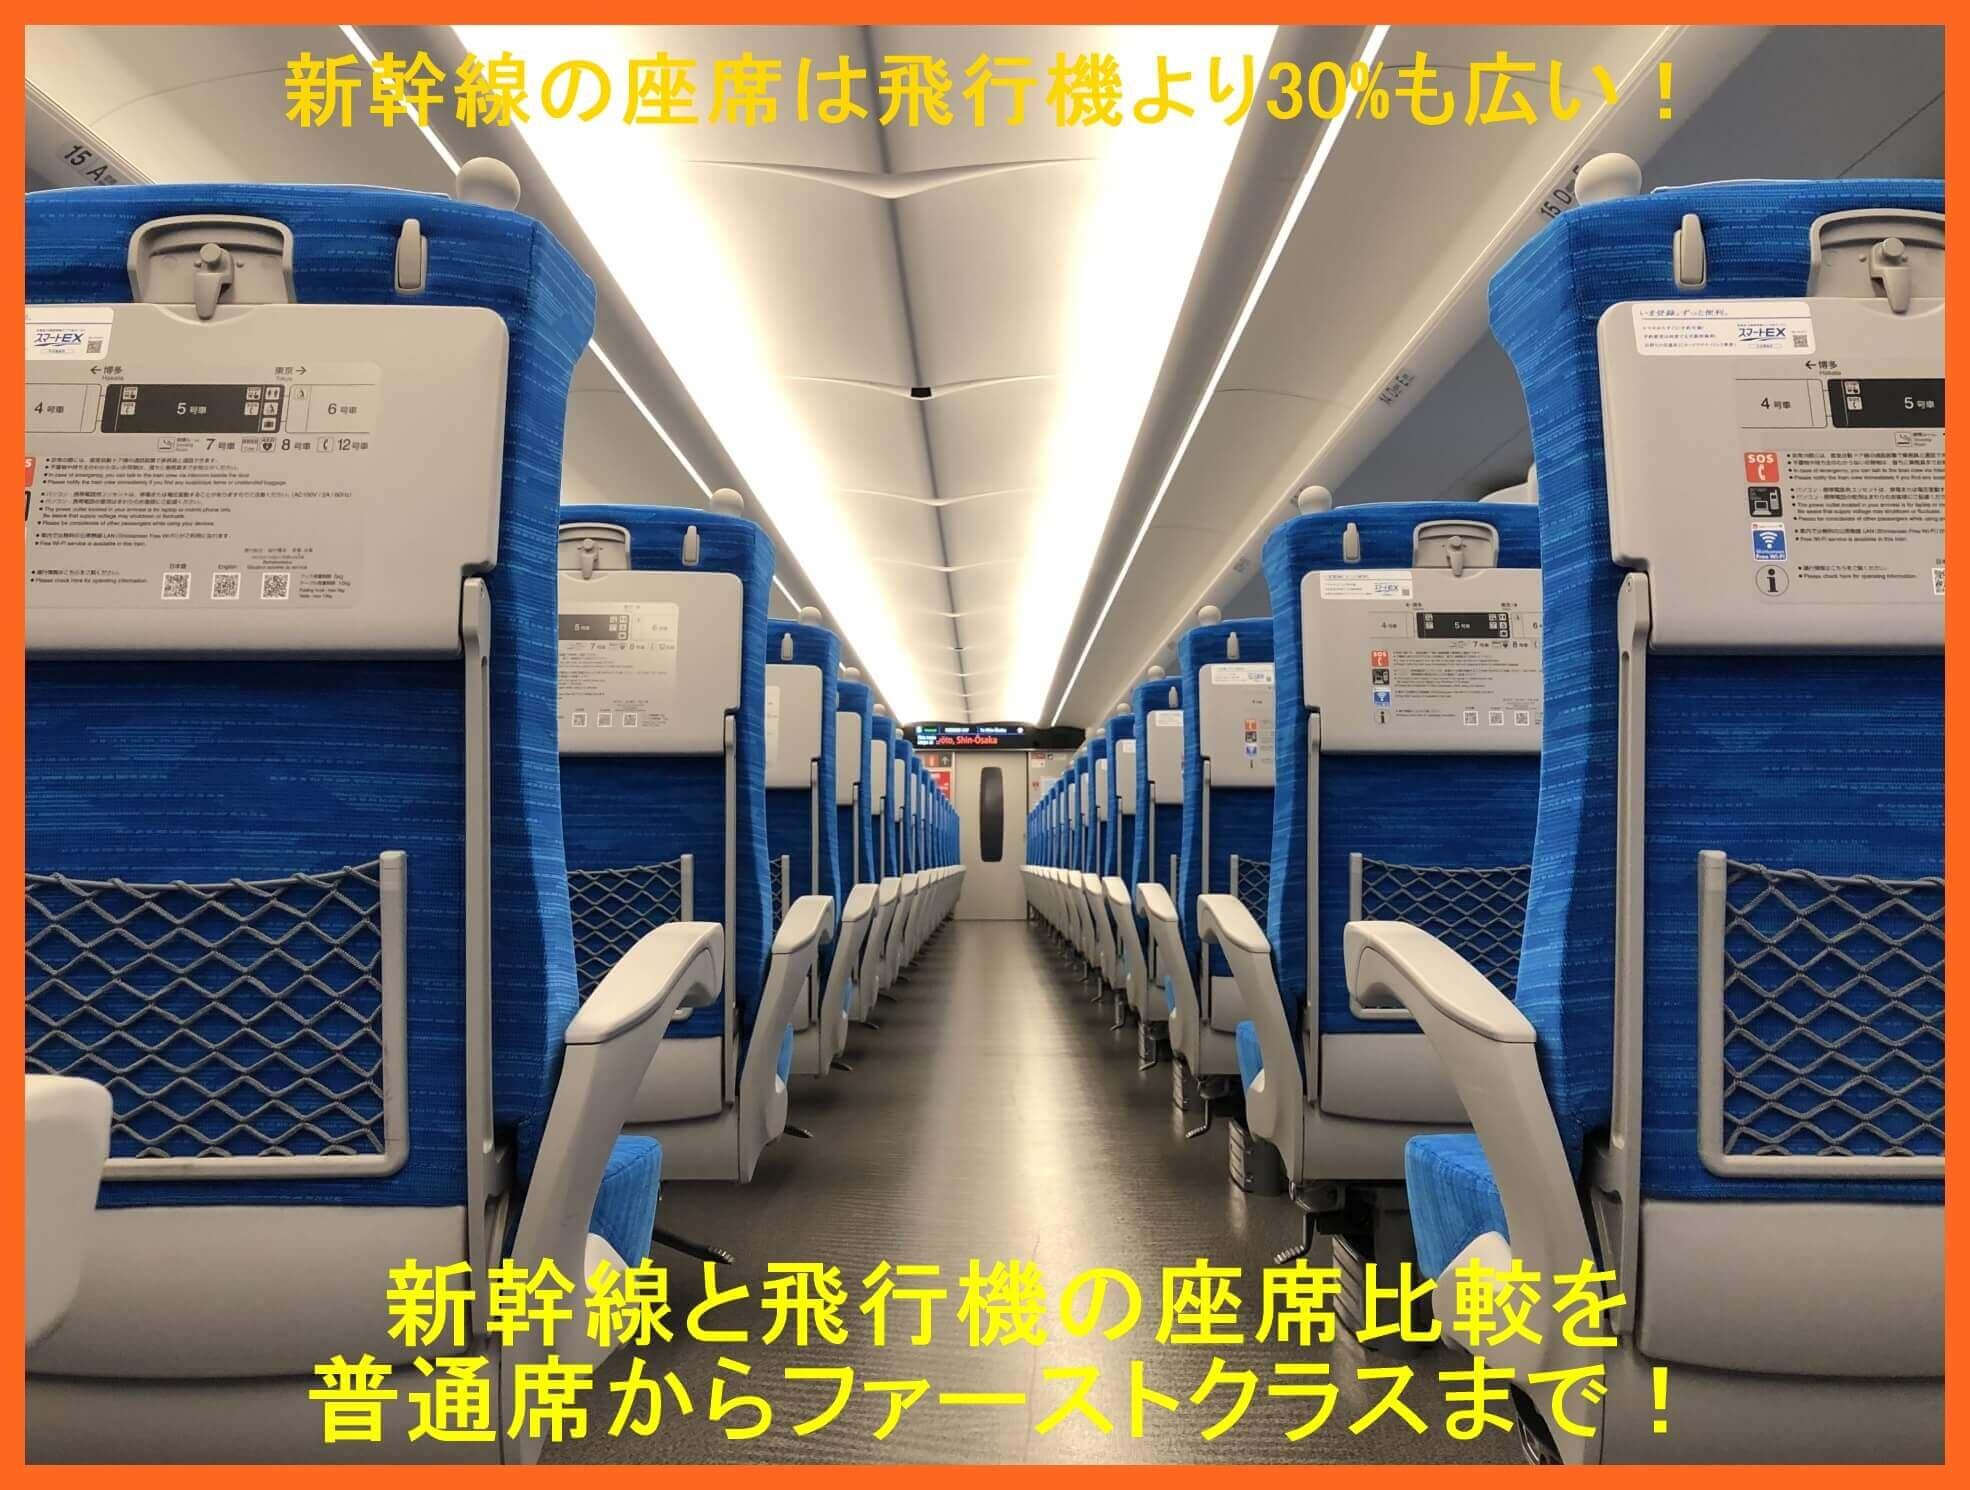 新幹線の座席は飛行機より30%も広い! 新幹線と飛行機の座席比較を普通席からファーストクラスまで!